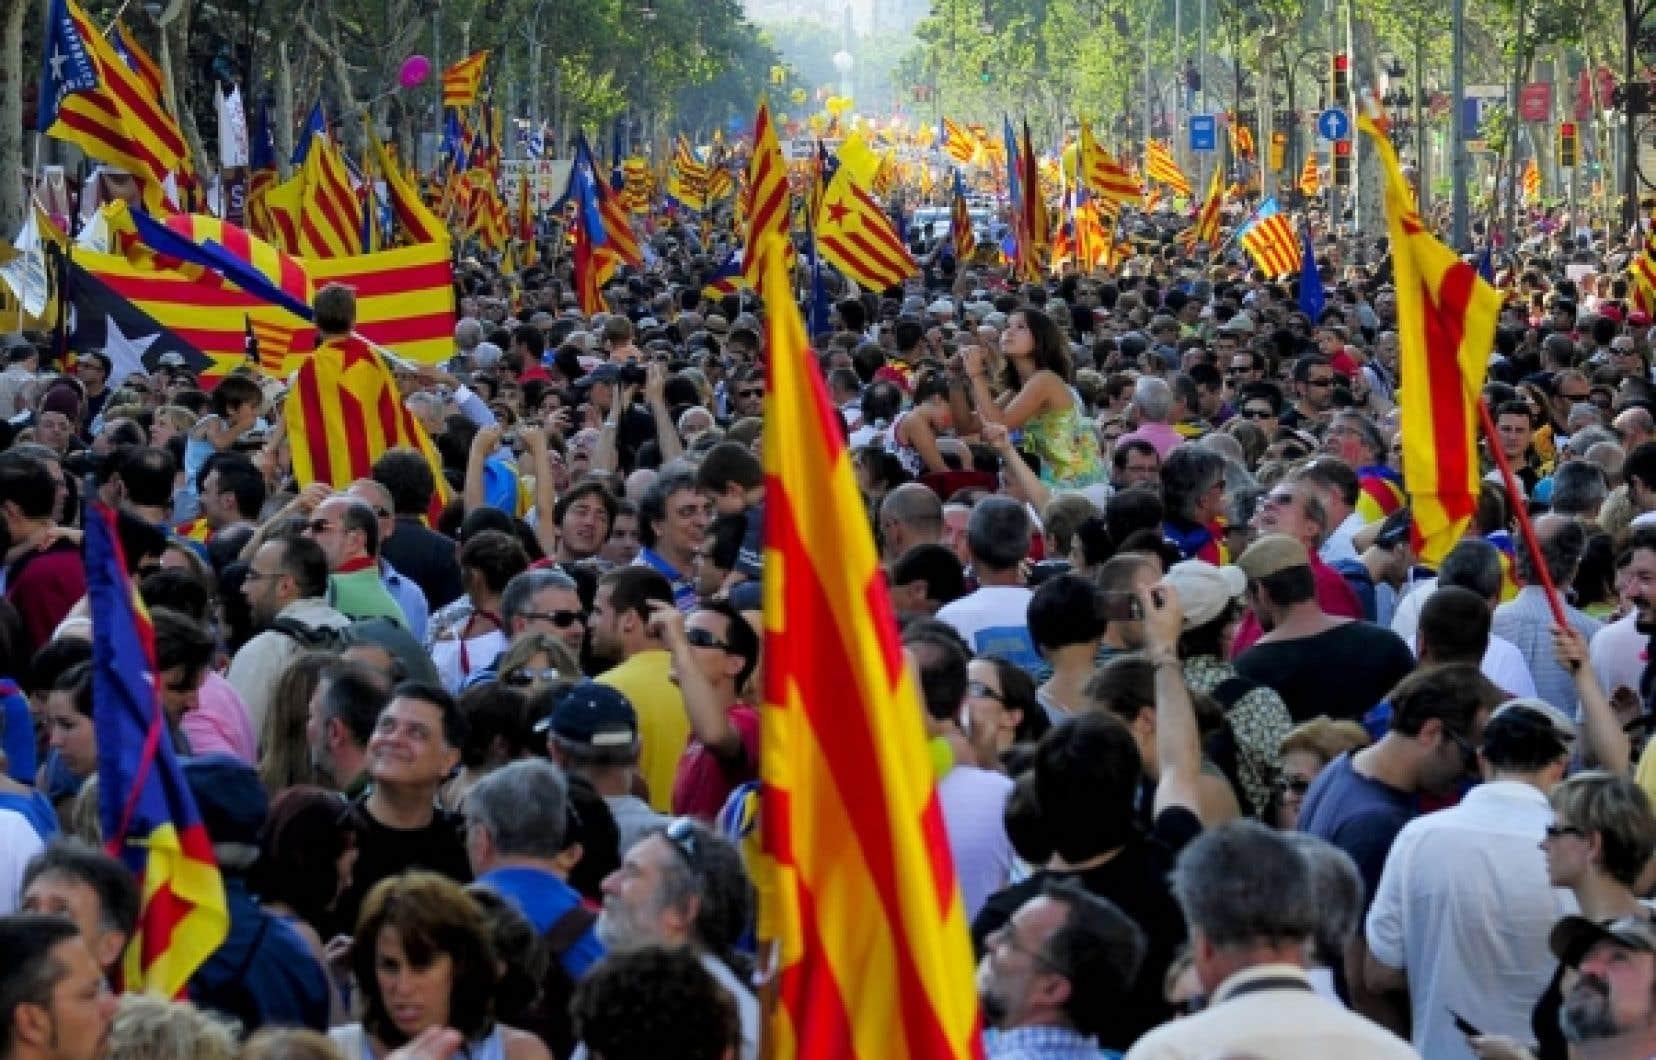 La sentence du 28 juin 2010 du Tribunal constitutionnel espagnol n'a pas été bien accueillie en Catalogne, comme en fait foi la manifestation du 10 juillet 2010 qui a rassemblé à Barcelone plus d'un million de Catalans. Le Tribunal déclare entre autres que les références à la «Catalogne comme nation» et à «la réalité nationale de la Catalogne» contenues dans le préambule du Statut d'autonomie n'ont aucun effet juridique interprétatif.<br />